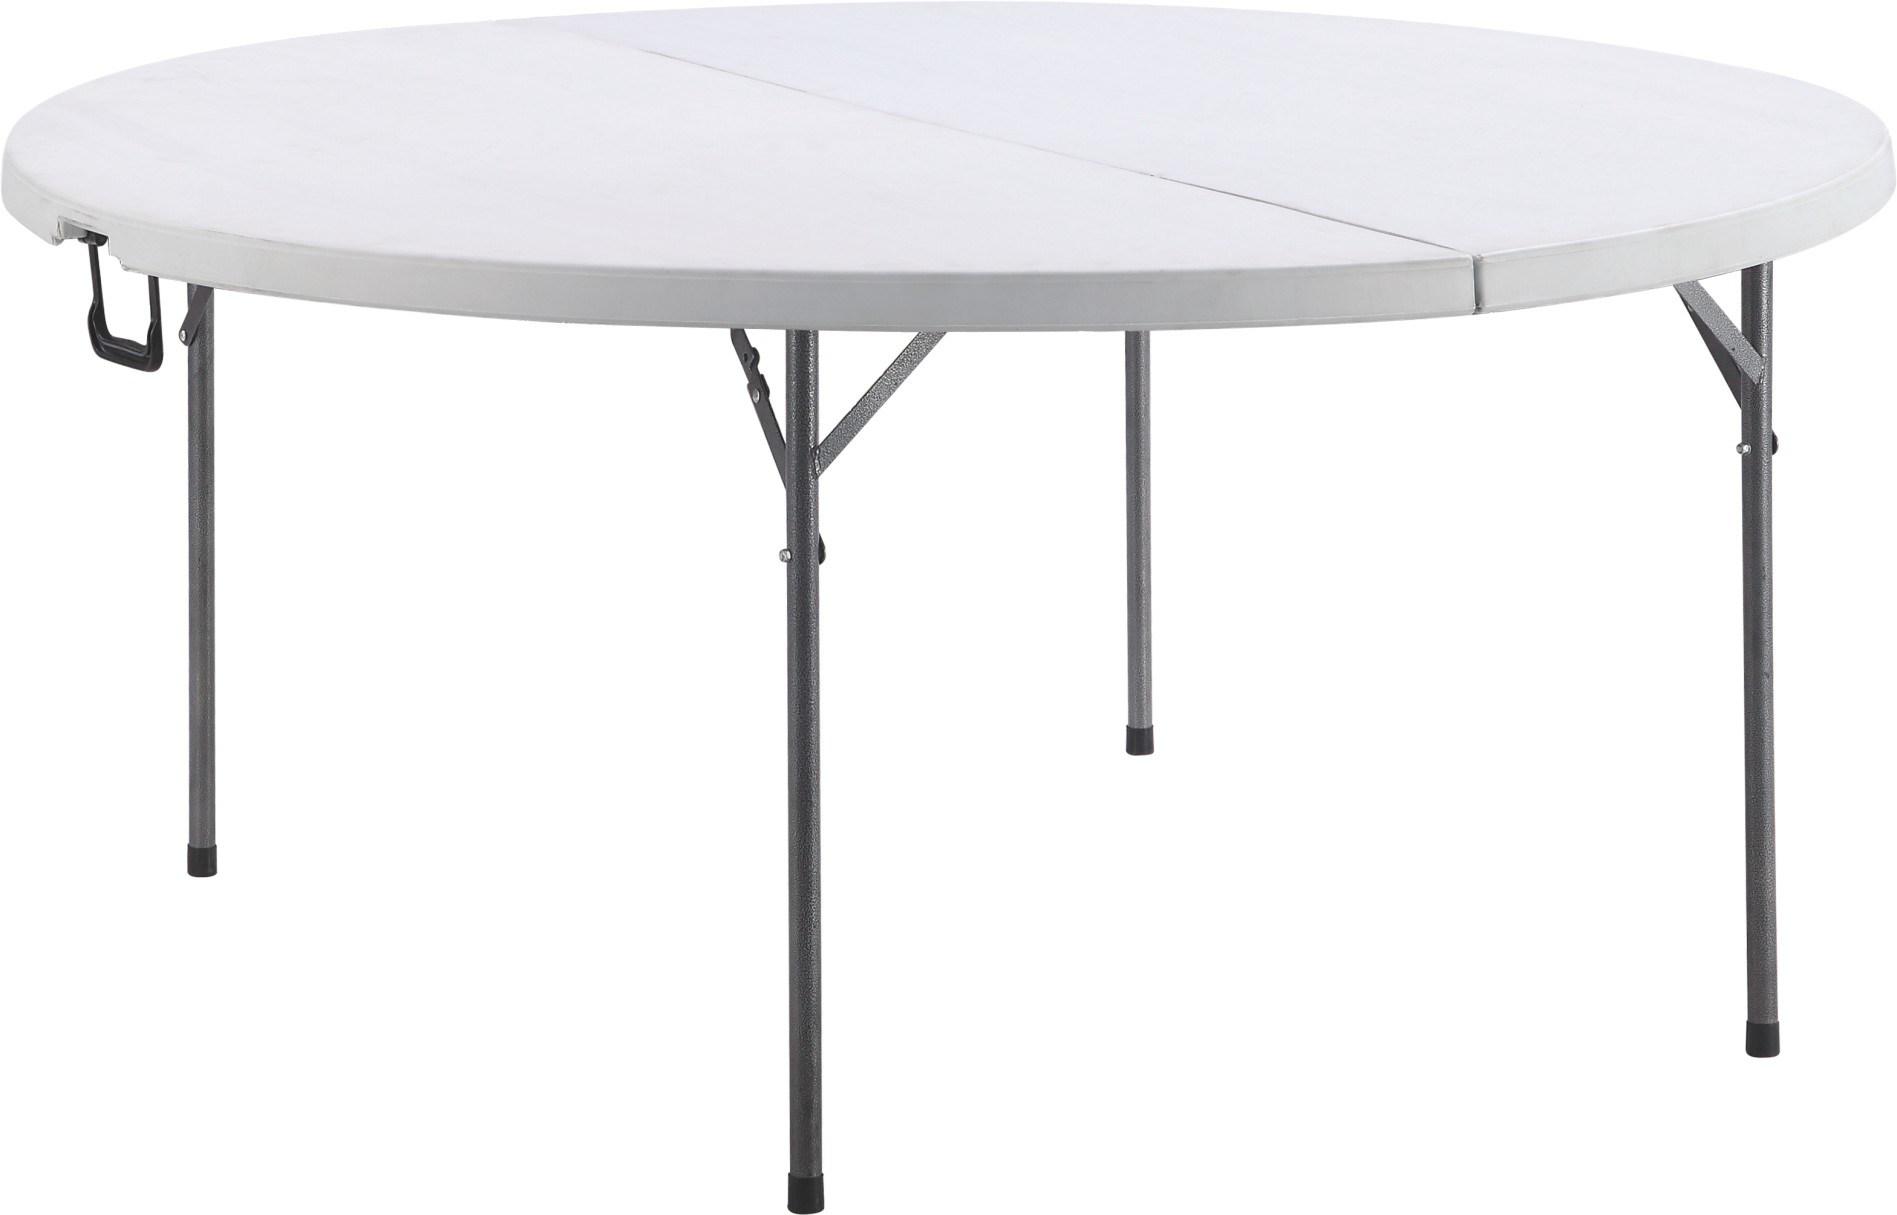 옥외 가구 일반 용도 연회 둥근 폴딩 반달 테이블에사진 kr.Made-in ...